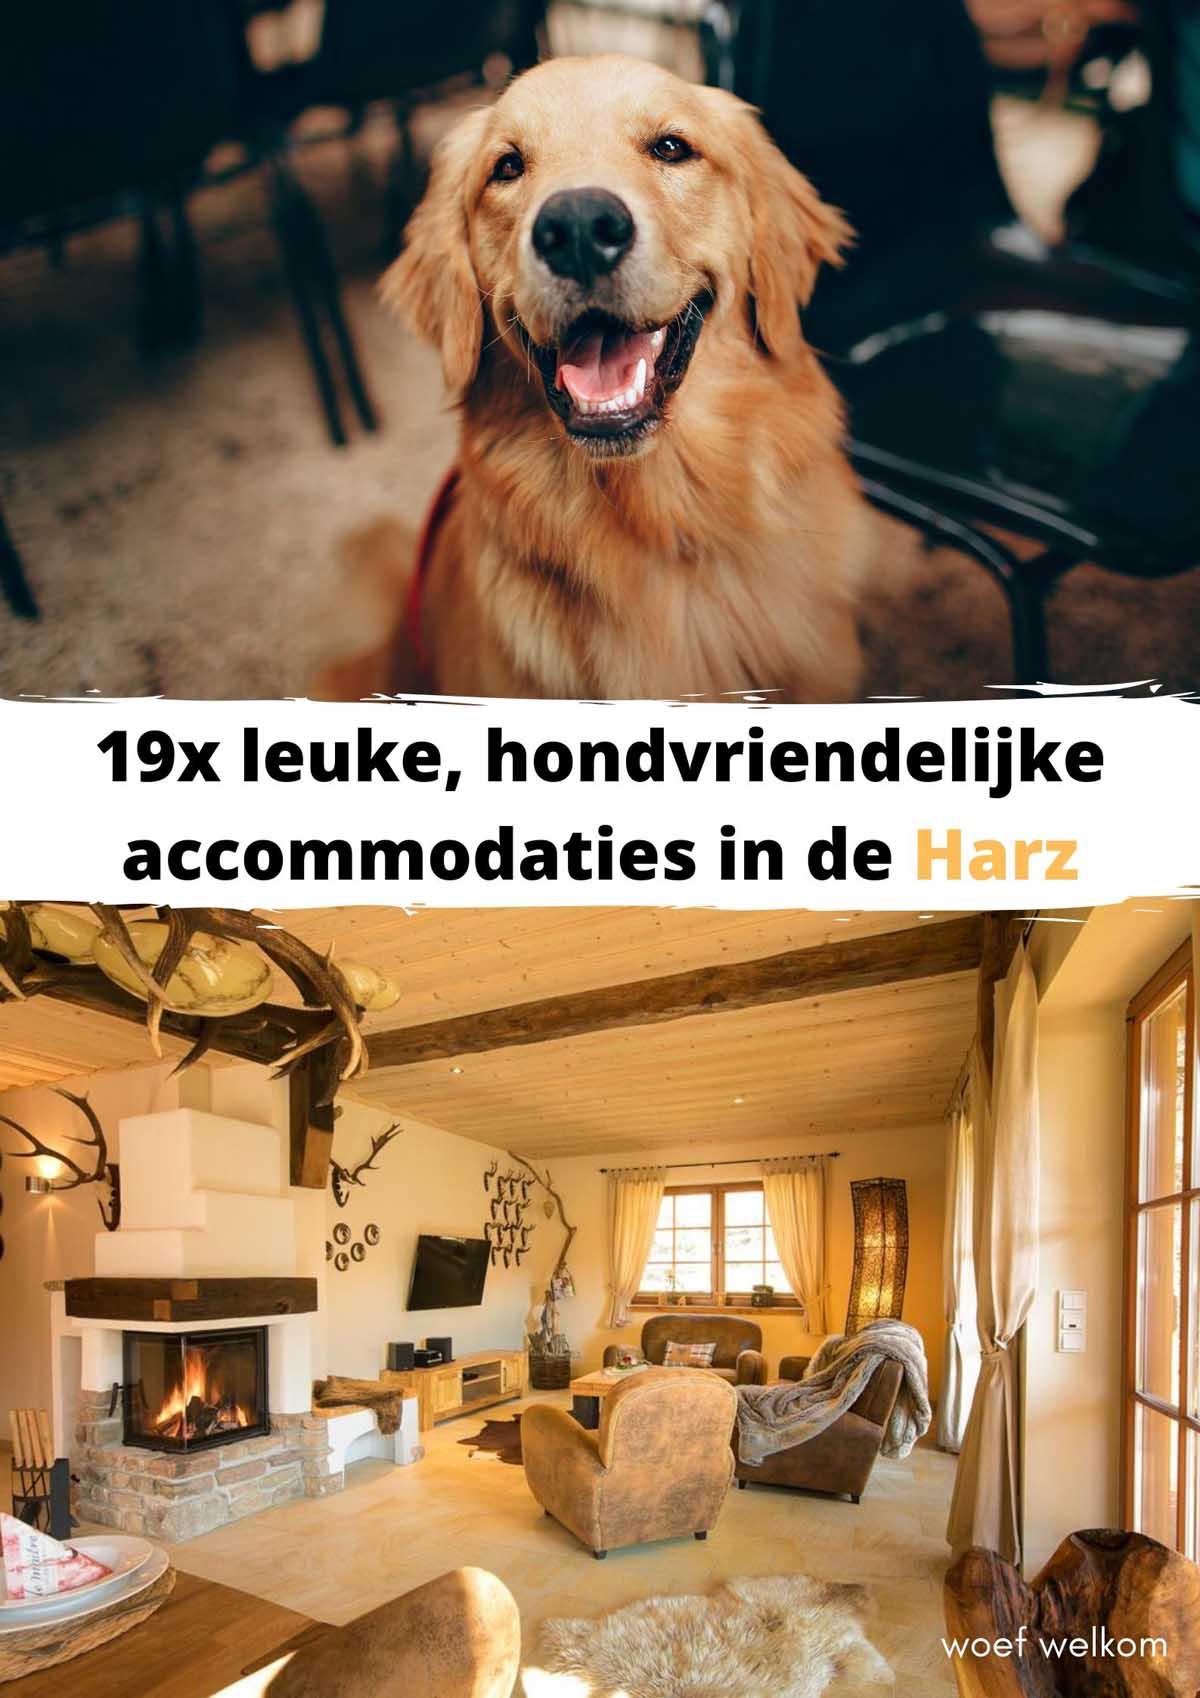 19x leuke, hondvriendelijke accommodaties in de Harz